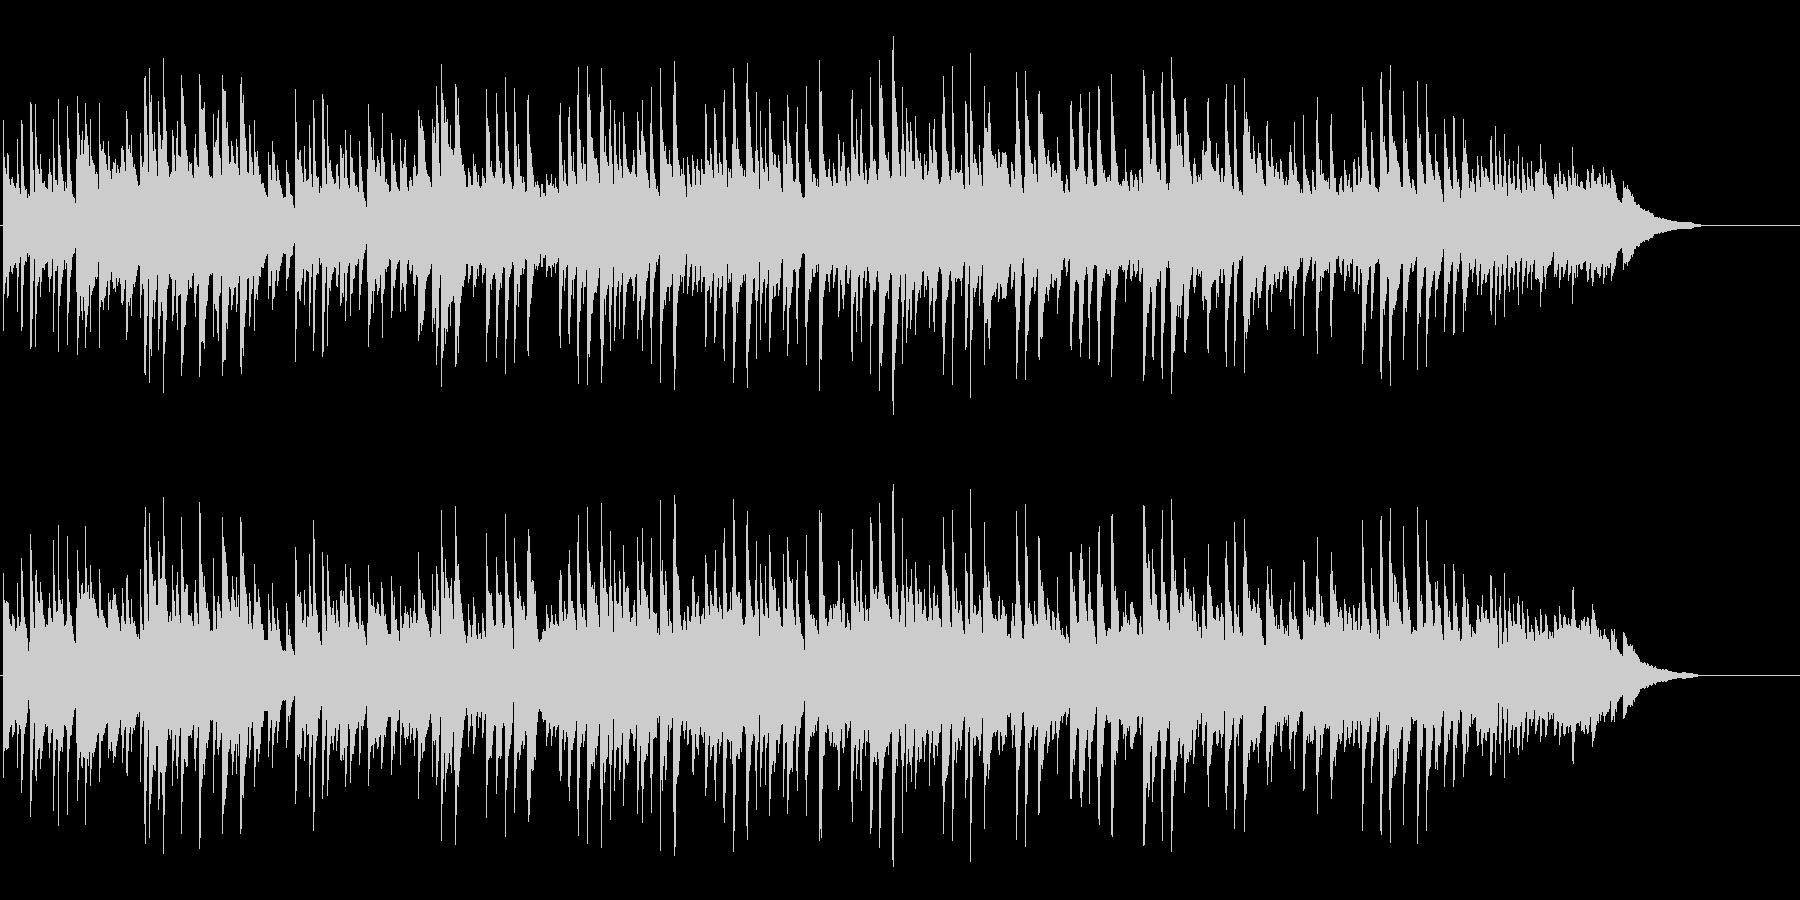 甘いブライダル向けピアノポップバラードの未再生の波形